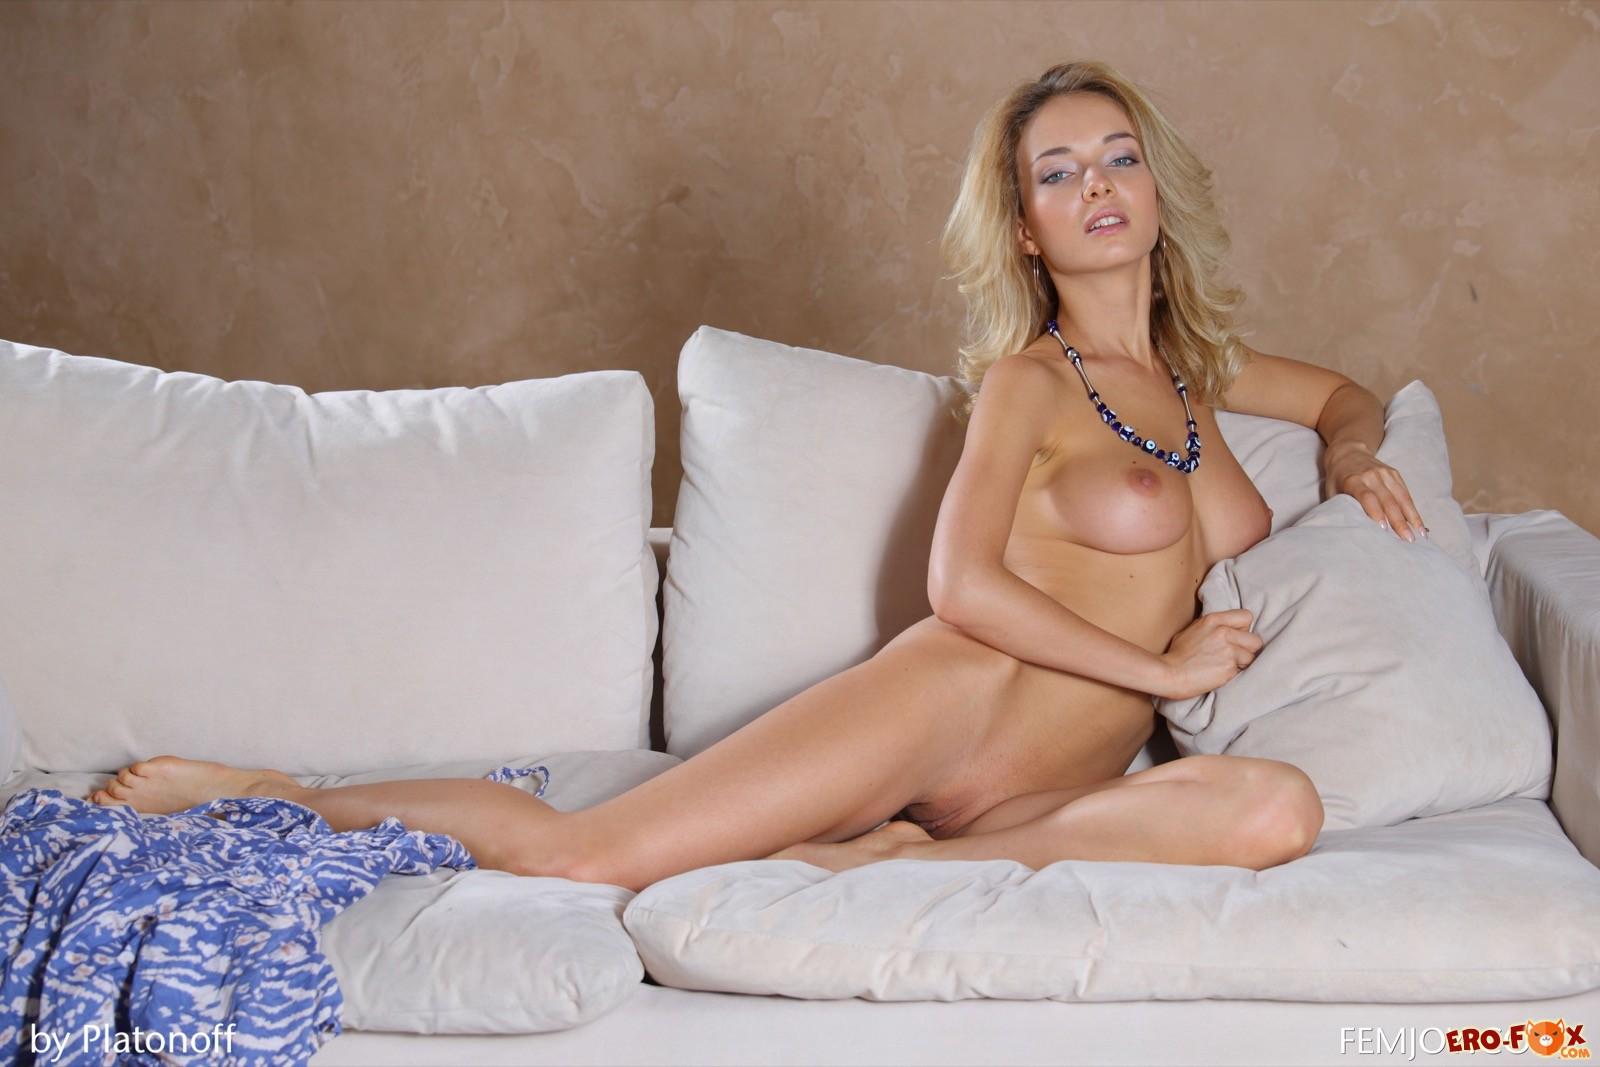 Блондинка сняла платье и показала грудь